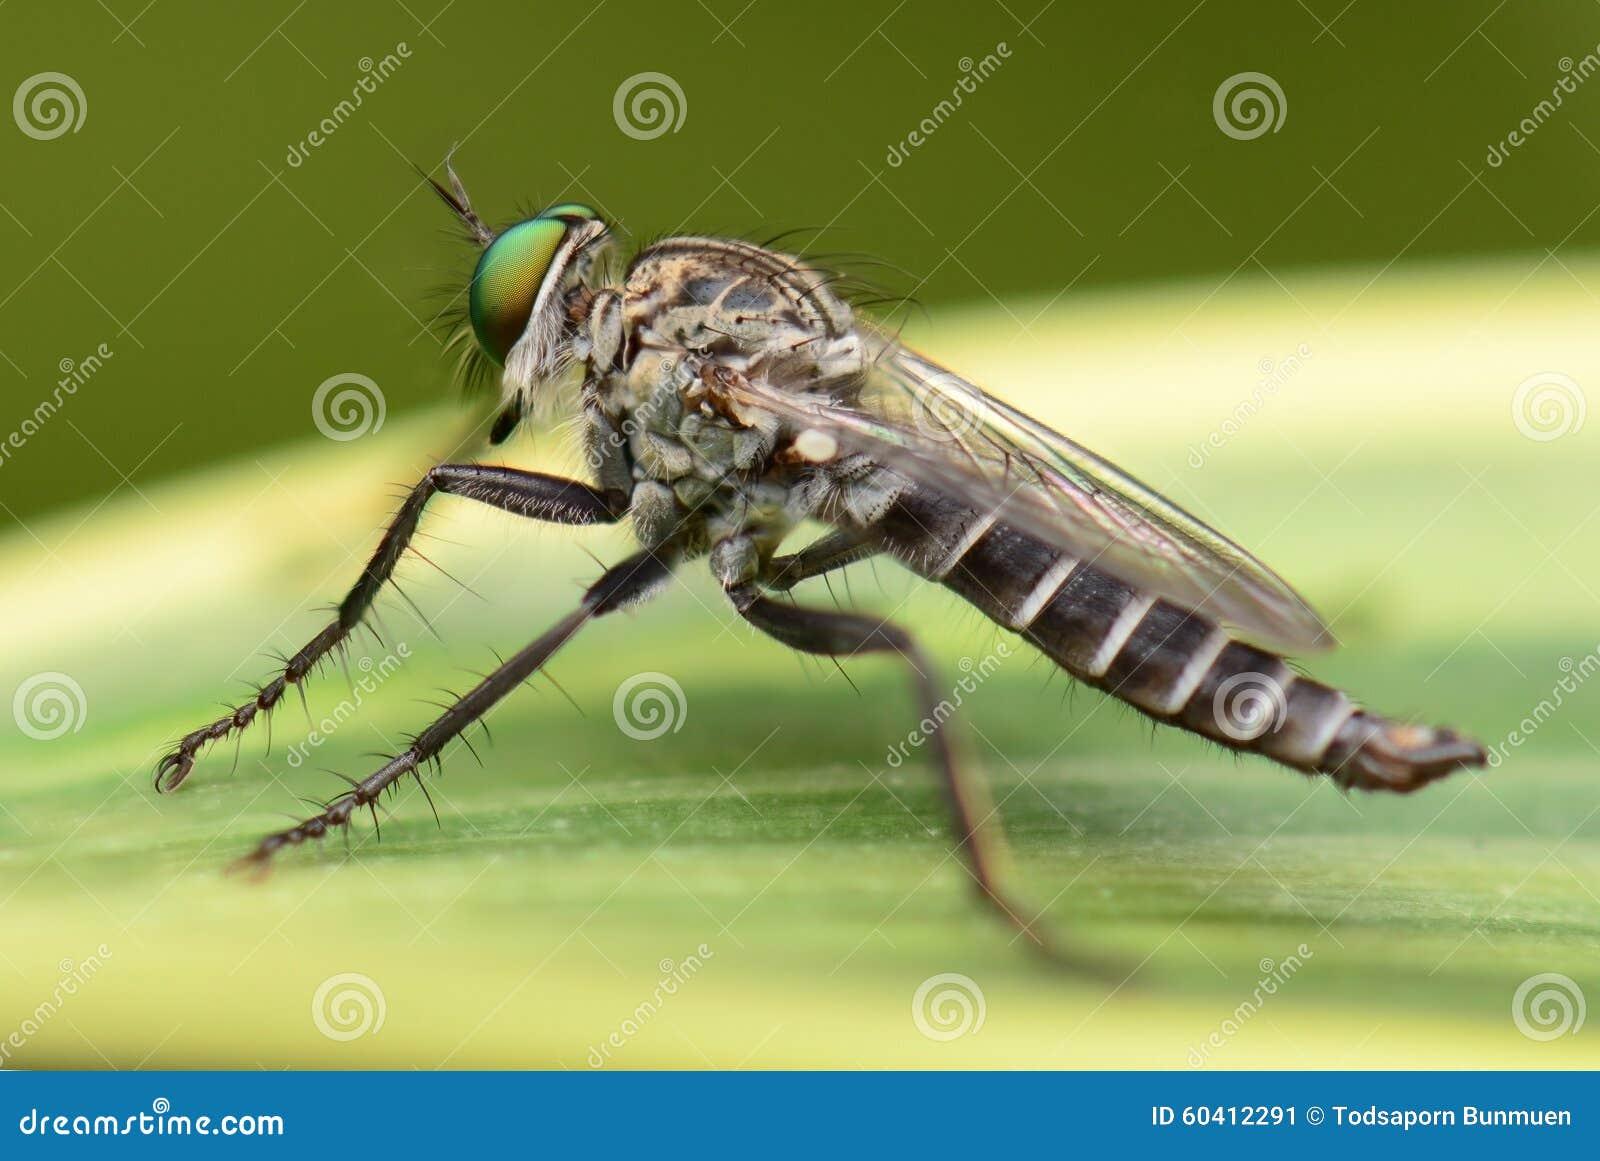 Mosquito en la hoja verde